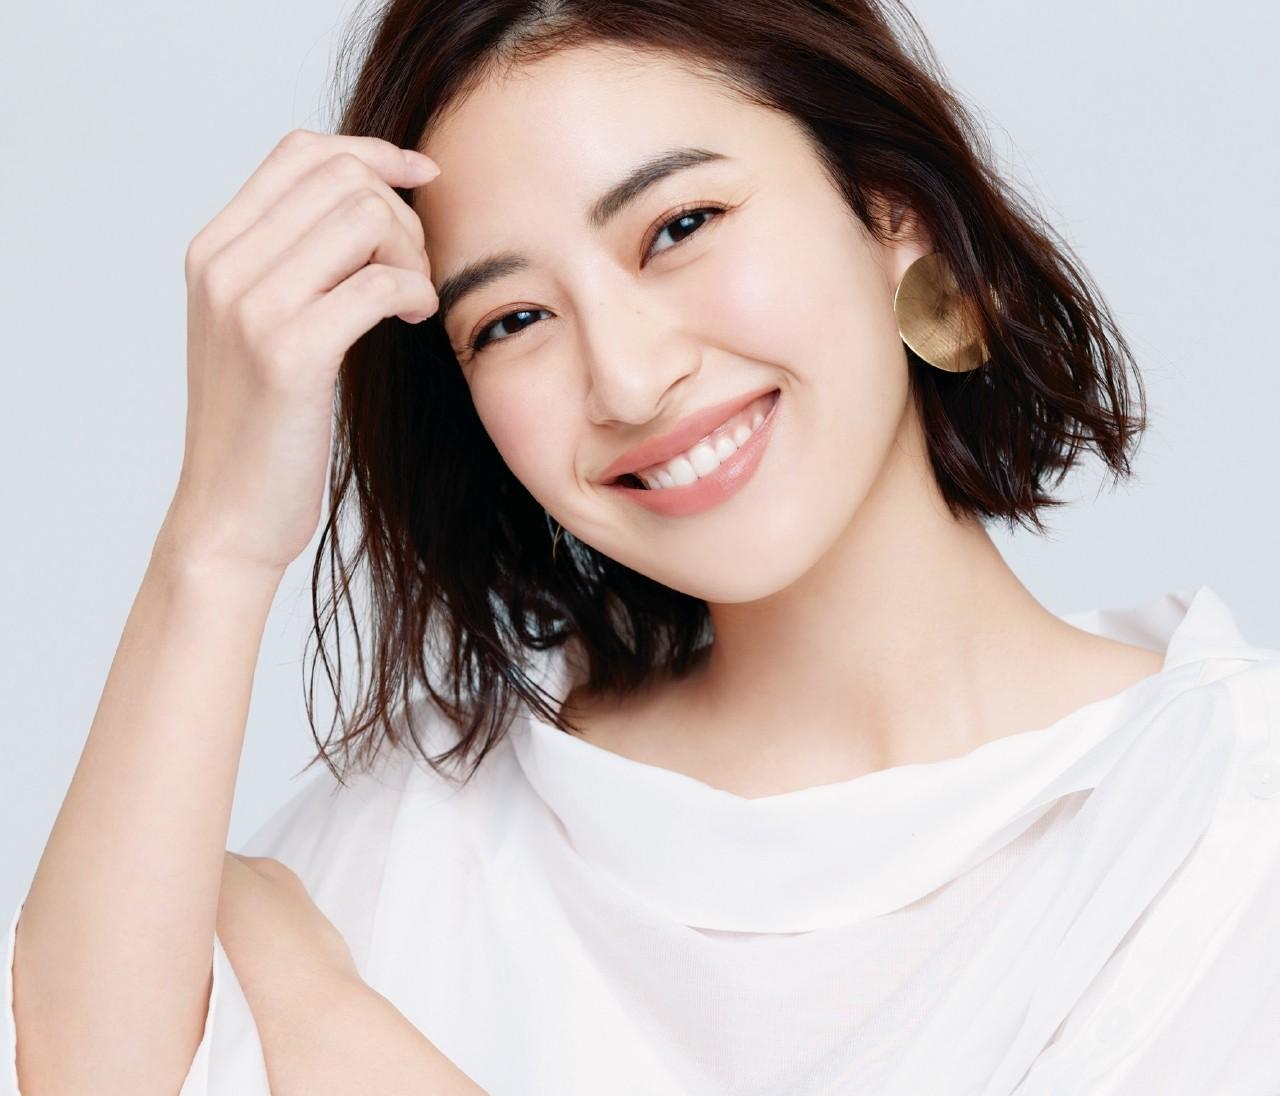 【春のオフィスリップ】イエベ肌×女顔「アプリコット姫」はコーラル系ベージュリップ